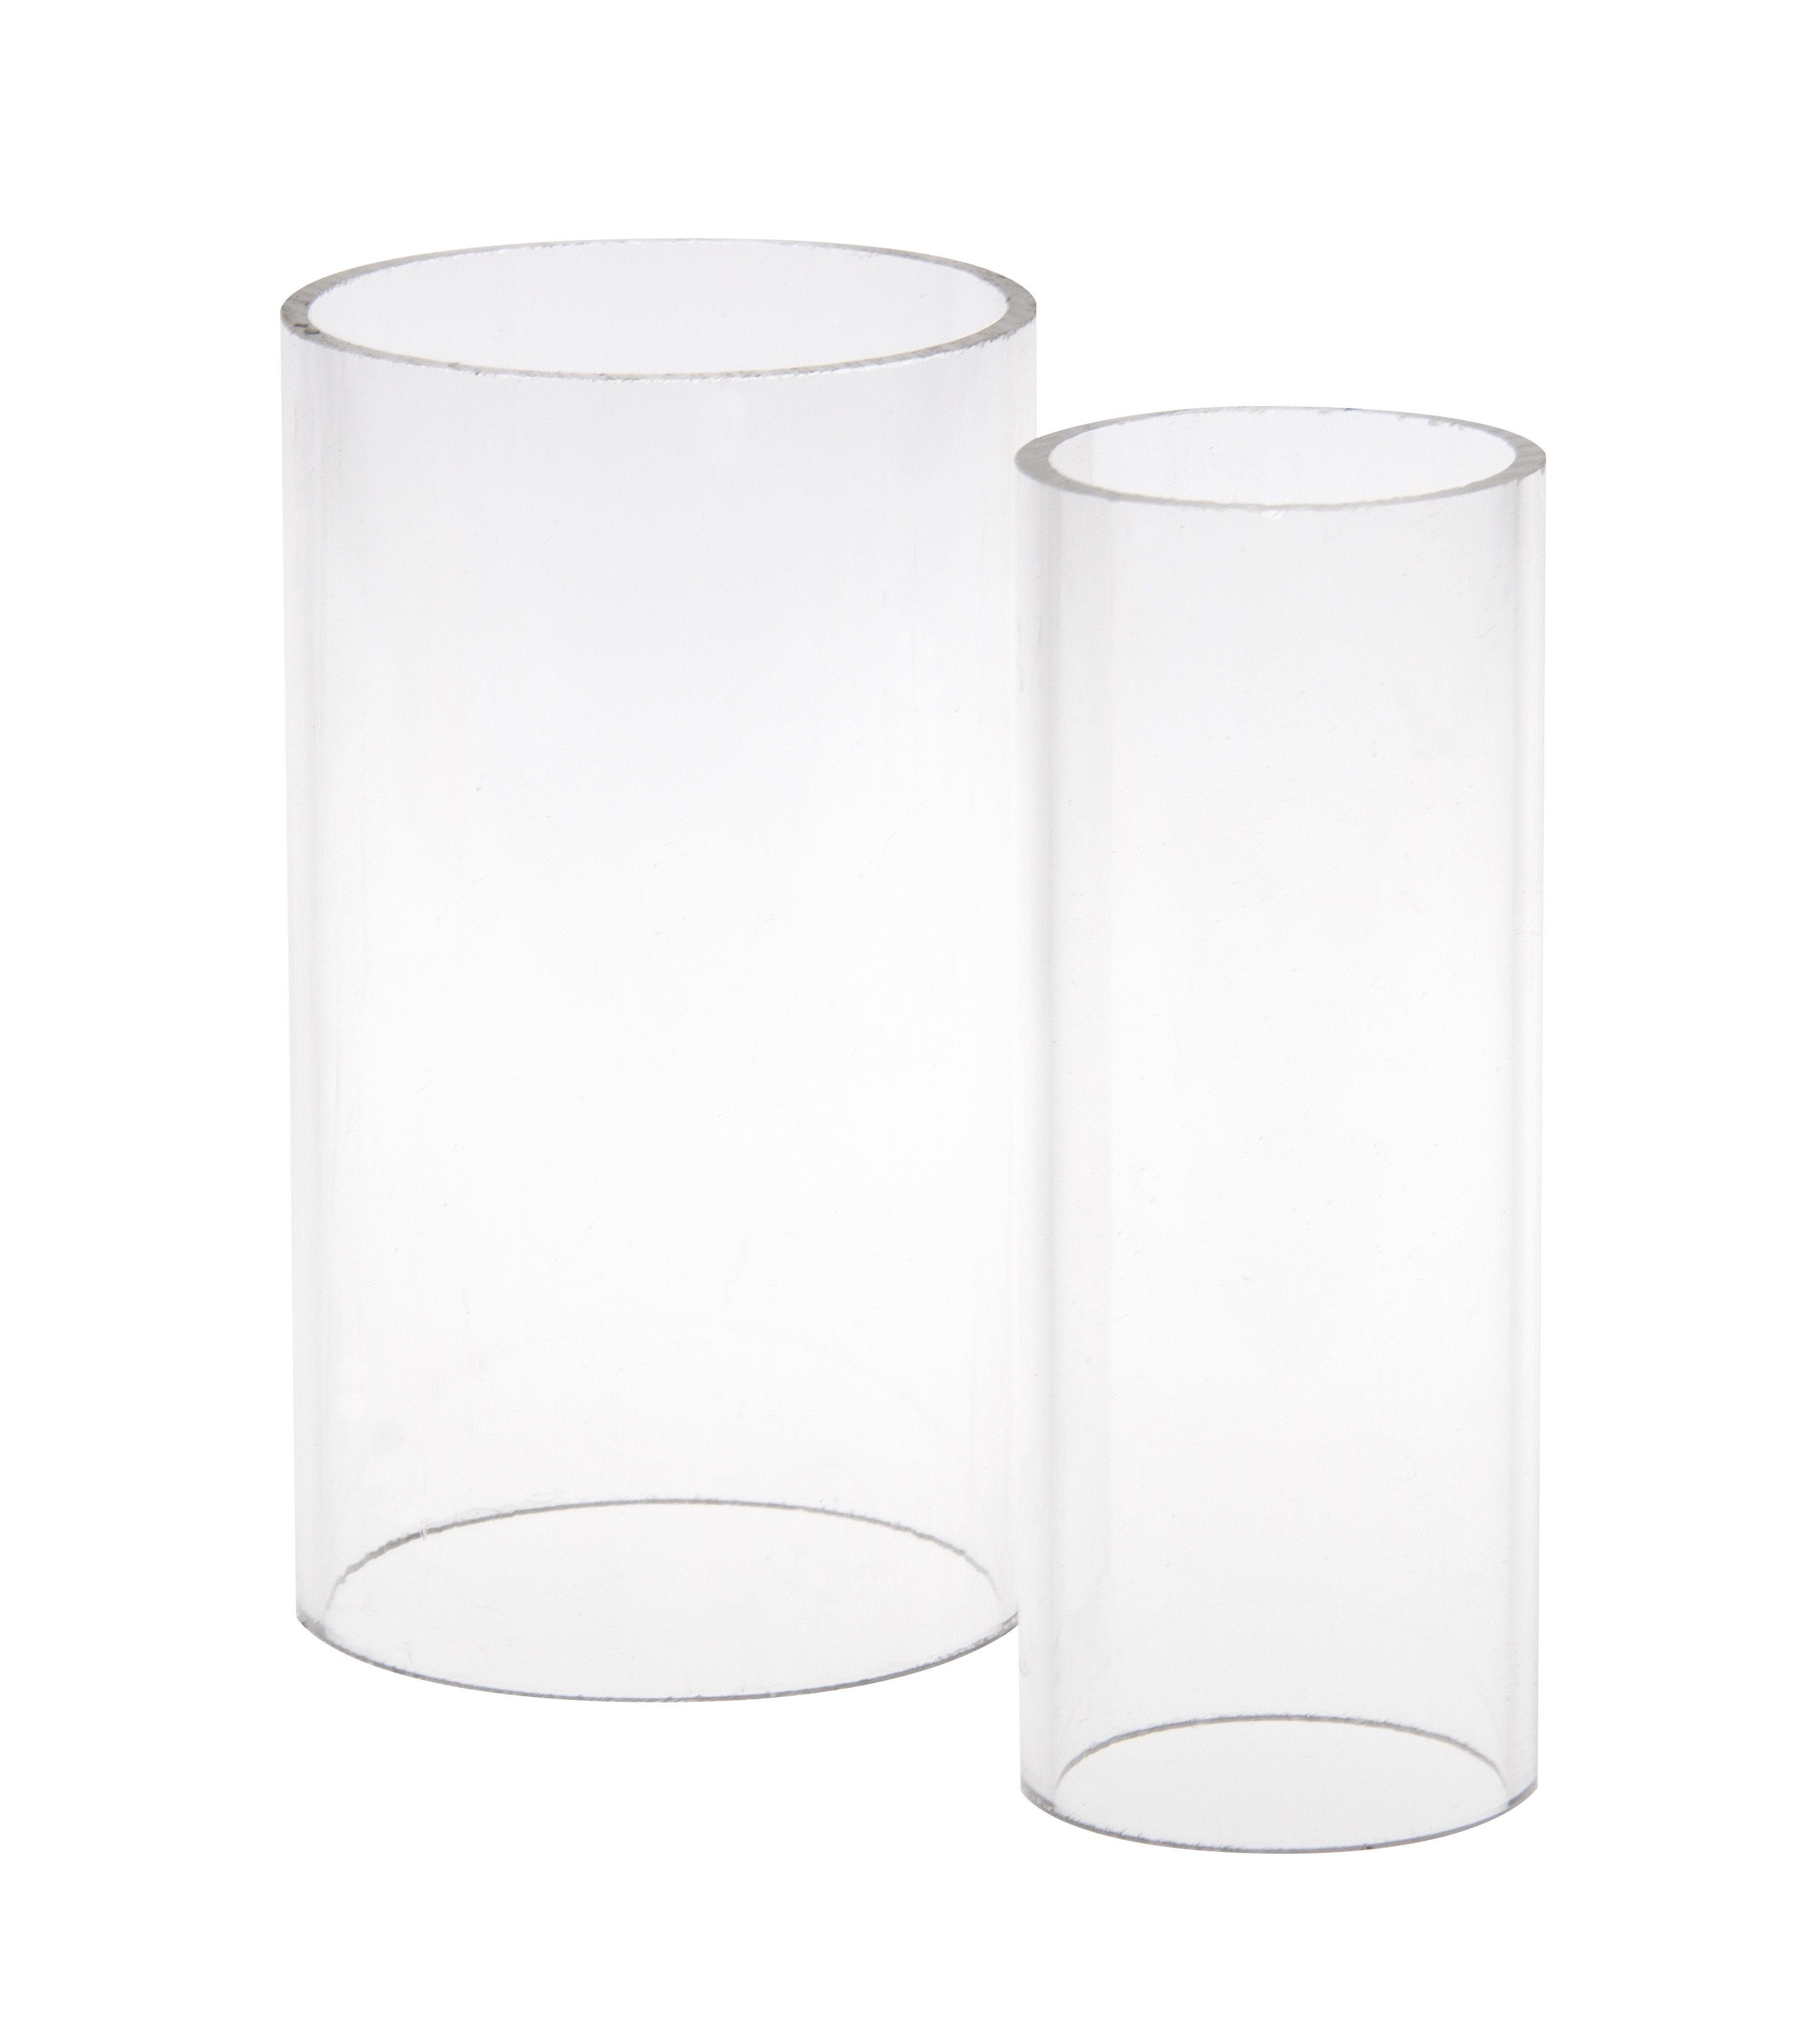 Acrylic Extruded Clear Tube Acme Plastics Inc